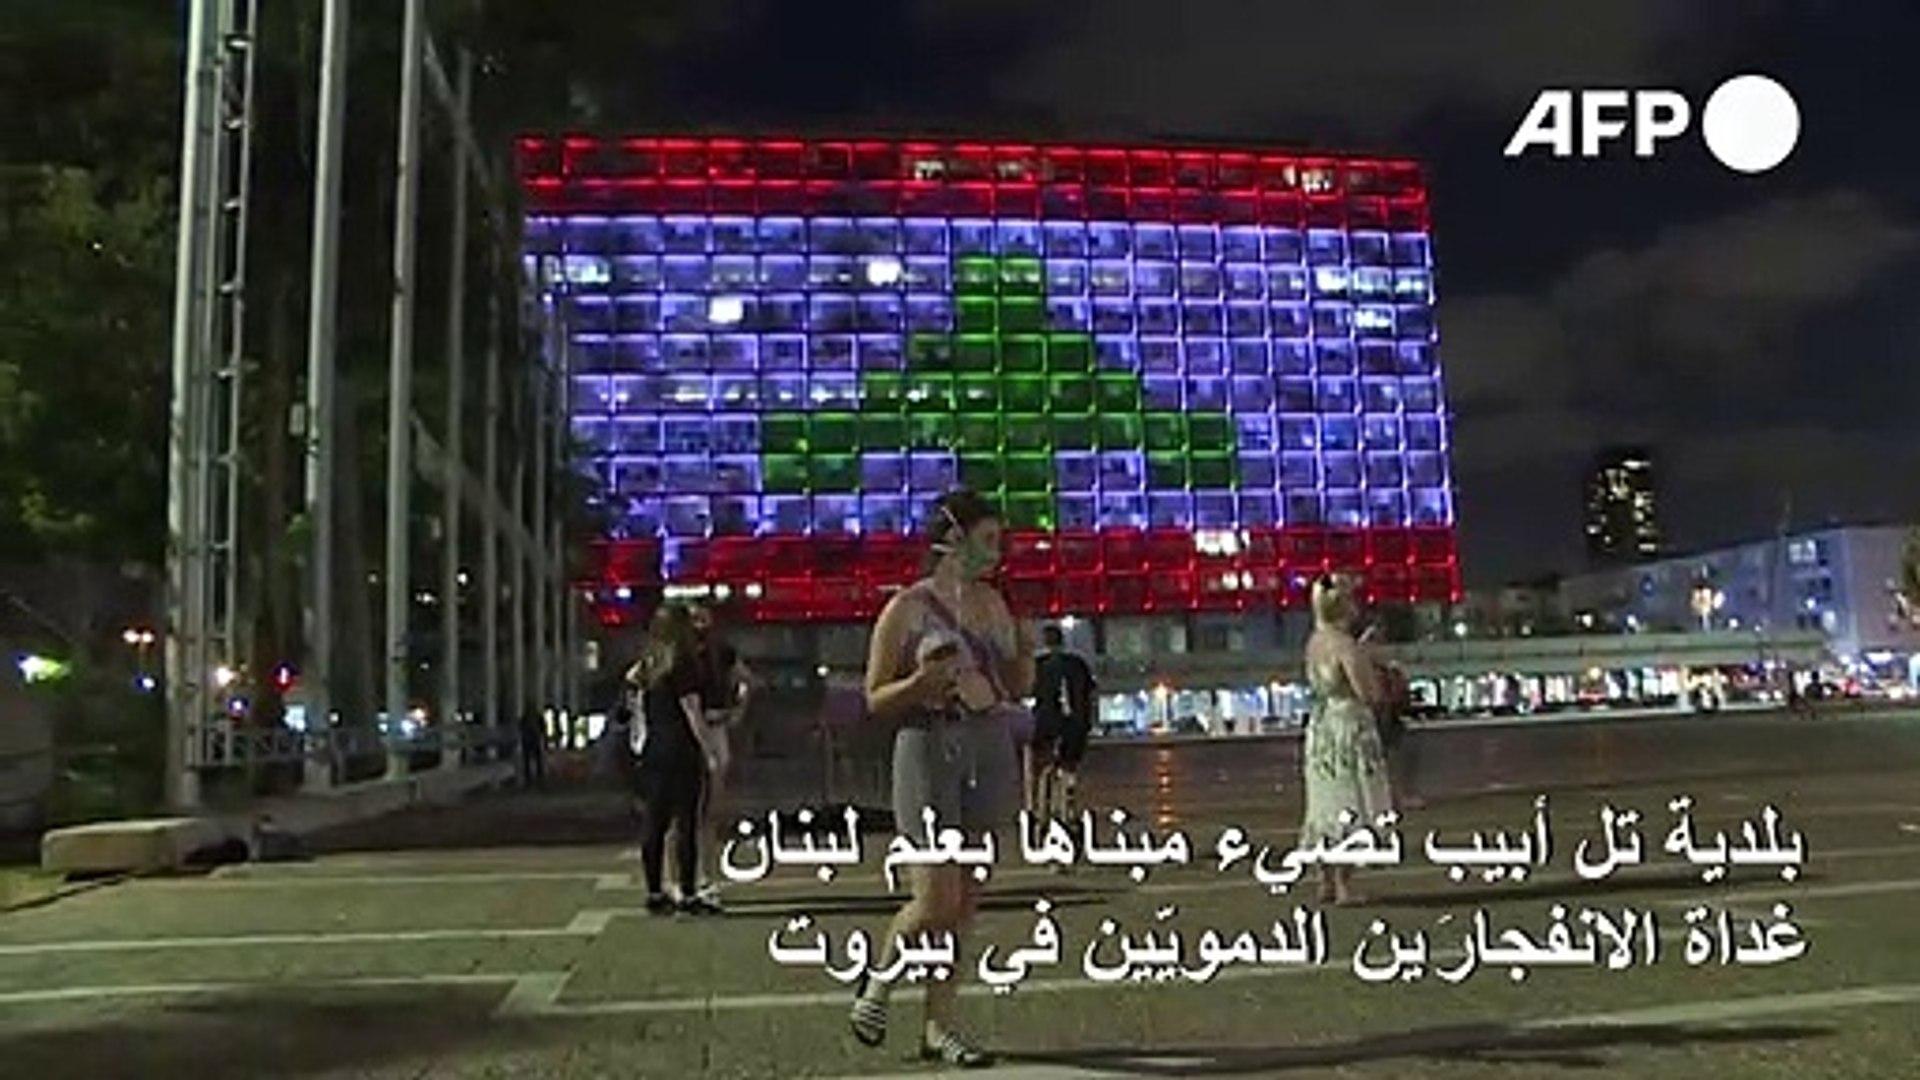 بلدية تل أبيب تضيء مبناها بعلم لبنان إثر انفجار بيروت فيديو